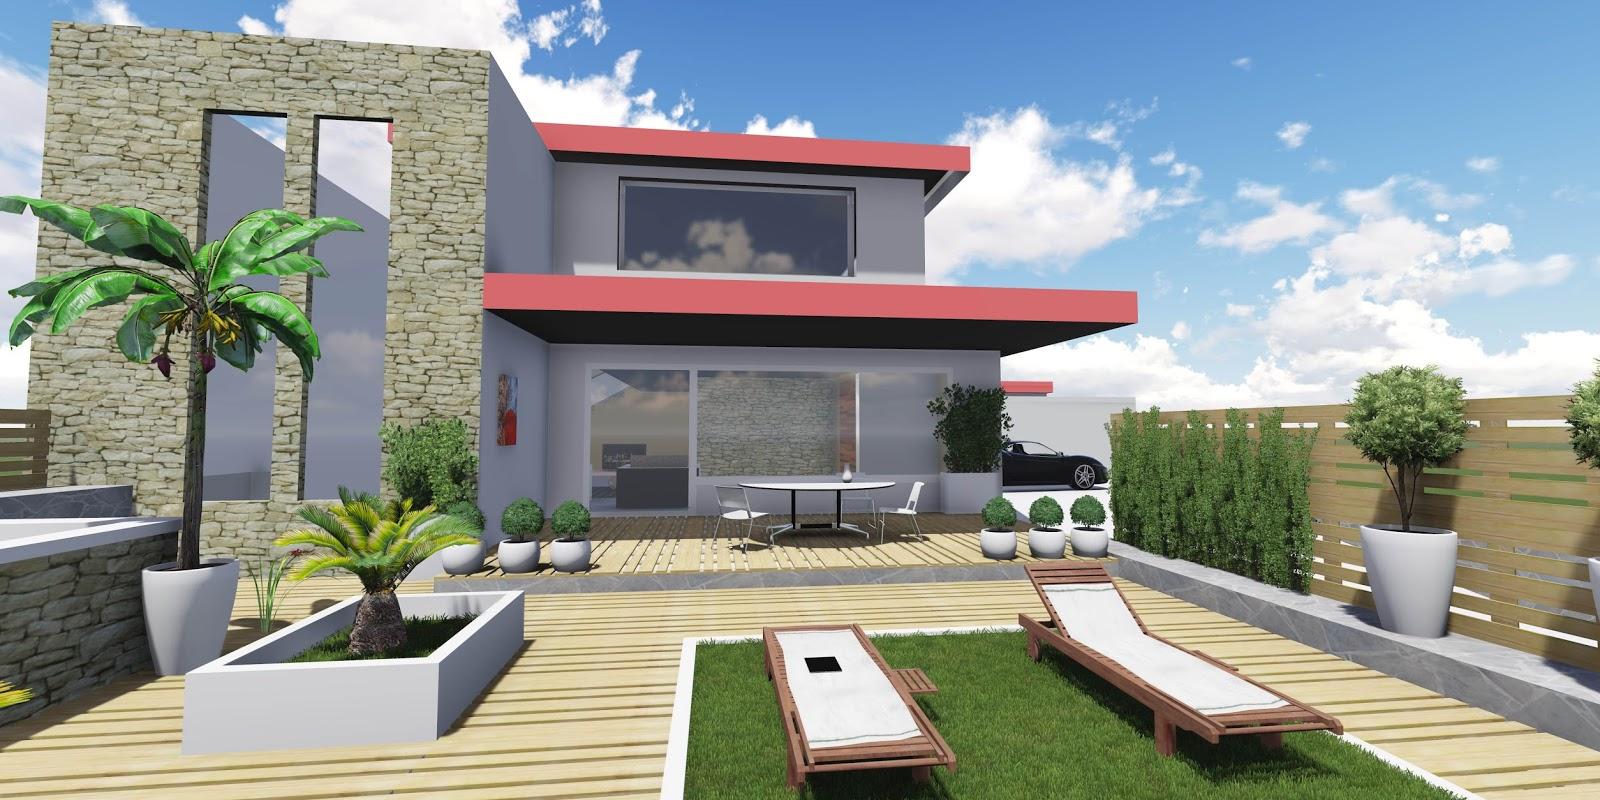 Progettare spazi verdi: Progettazione online giardini e terrazzi Genova